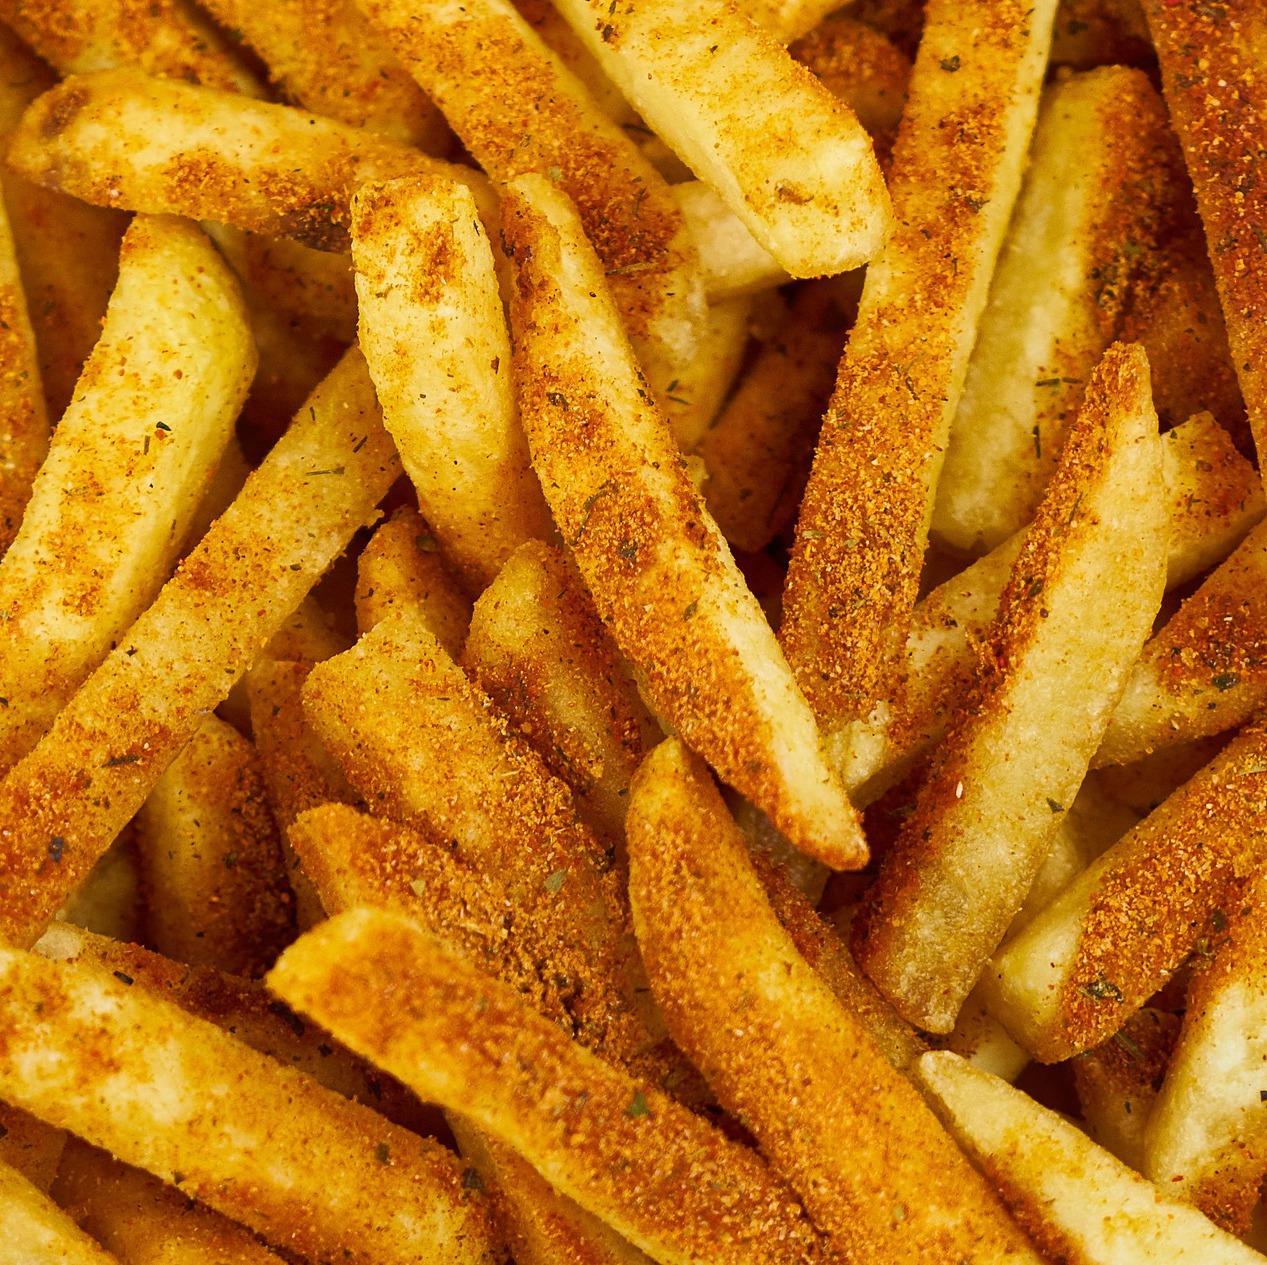 frite réalisée à l'aide de la friteuse 6l family fryer de senya